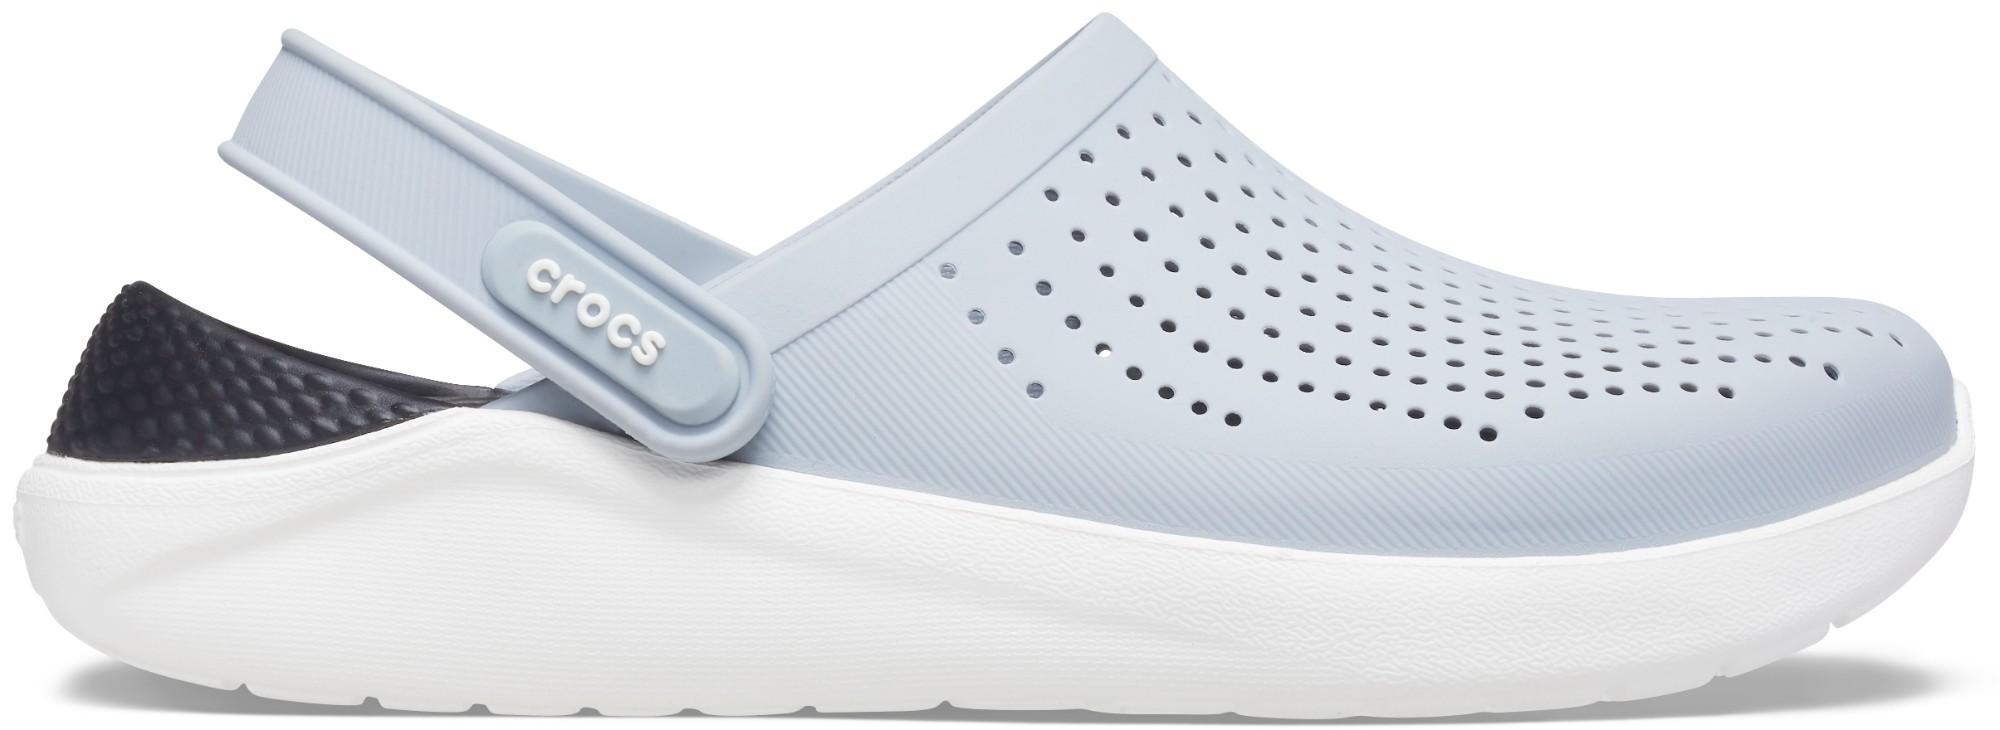 Crocs™ LiteRide Clog Blue Grey 37,5